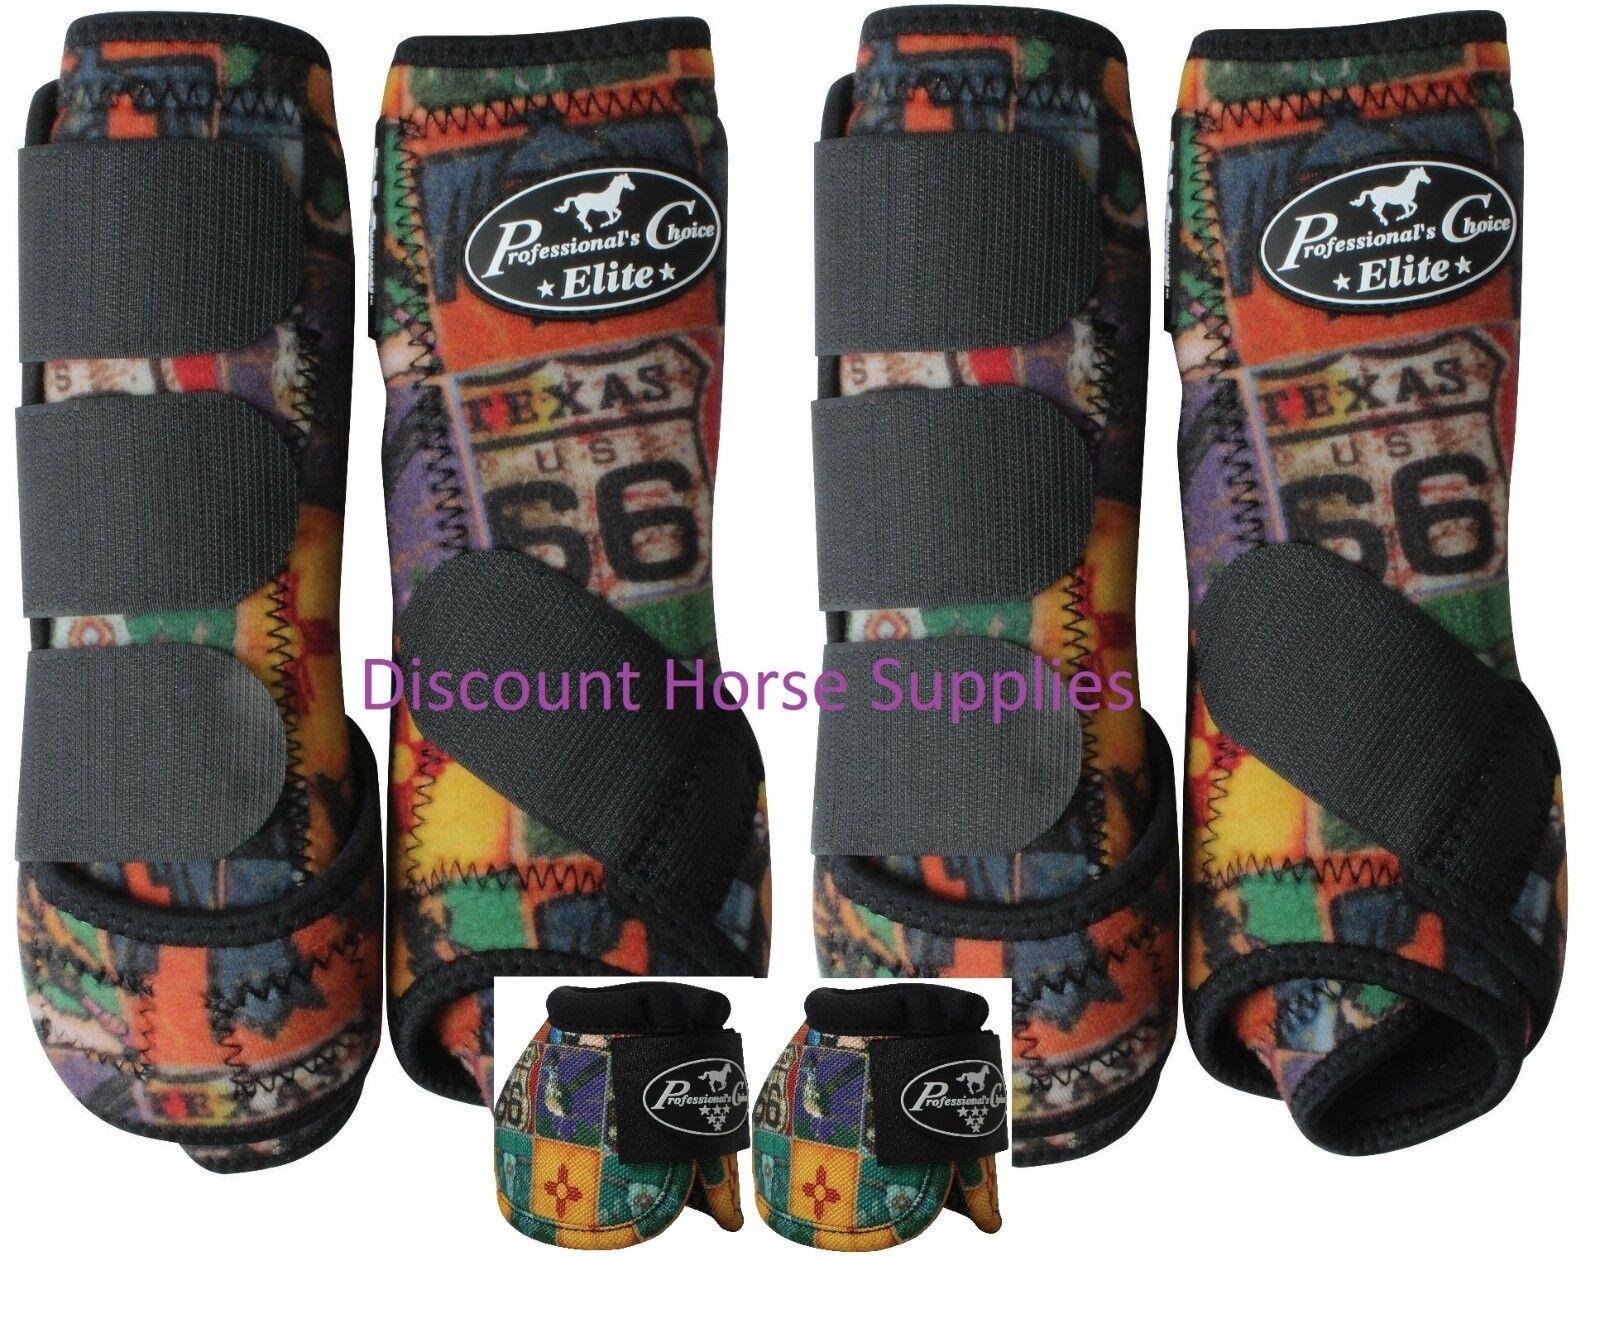 Professional's Choice Ventech Elite valor 4 Pack botas Rodeo con campanas L Pro Prof